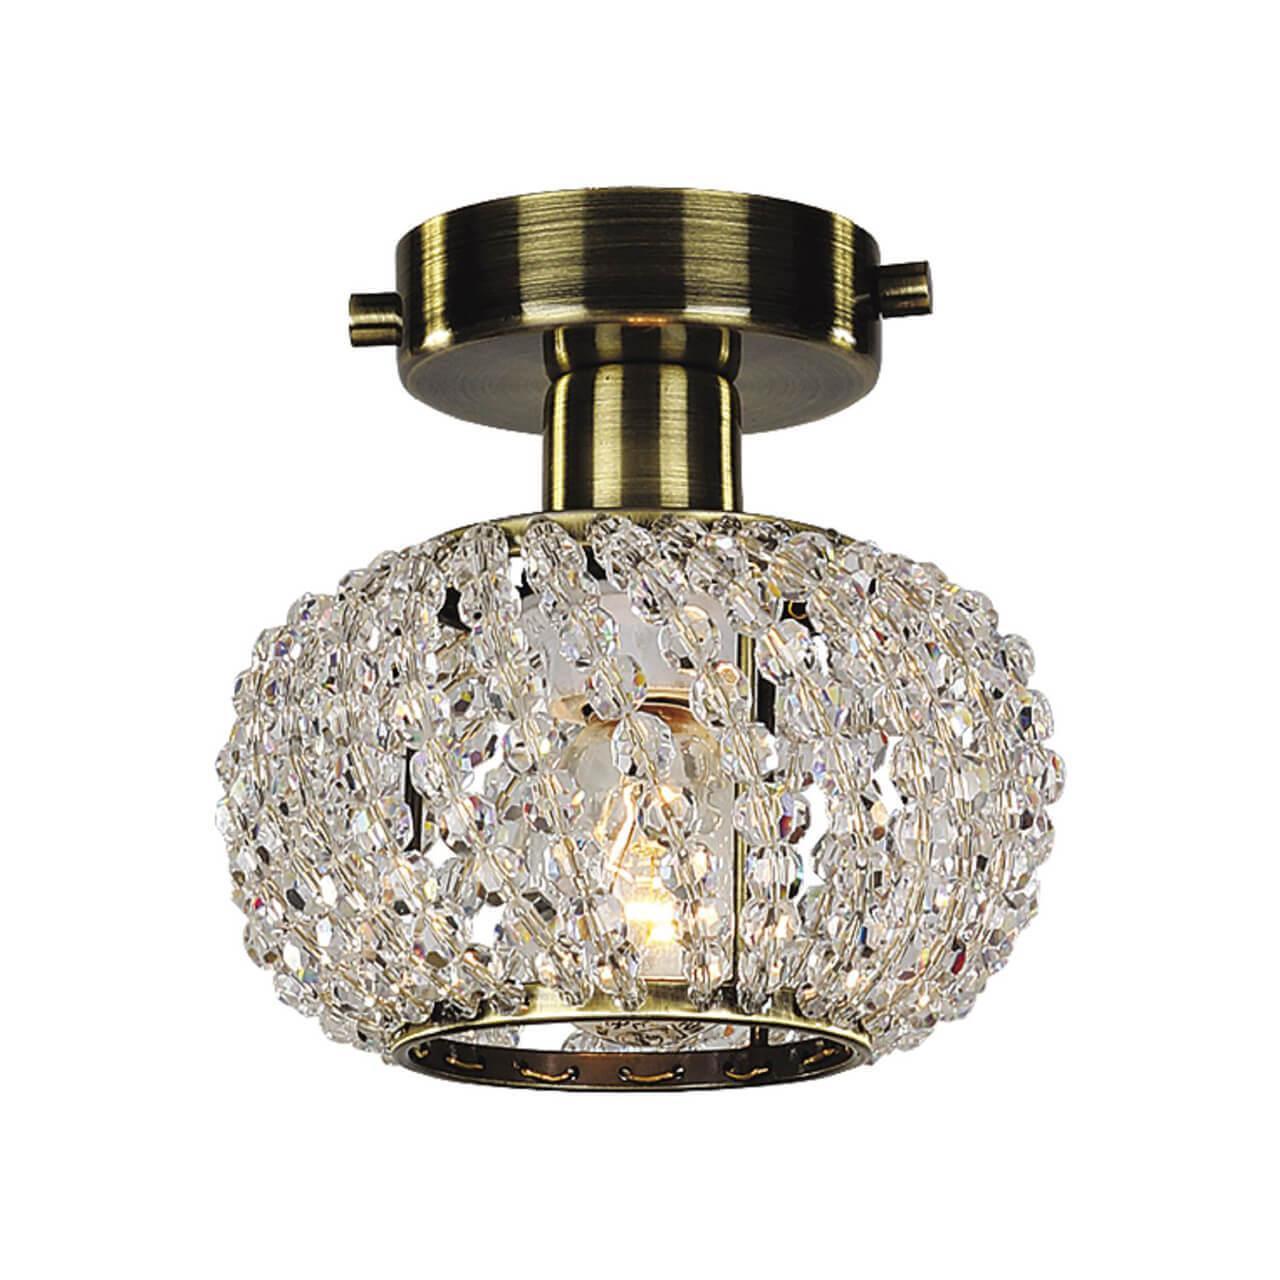 купить Потолочный светильник Favourite 1391-1U, E14, 40 Вт по цене 4070 рублей